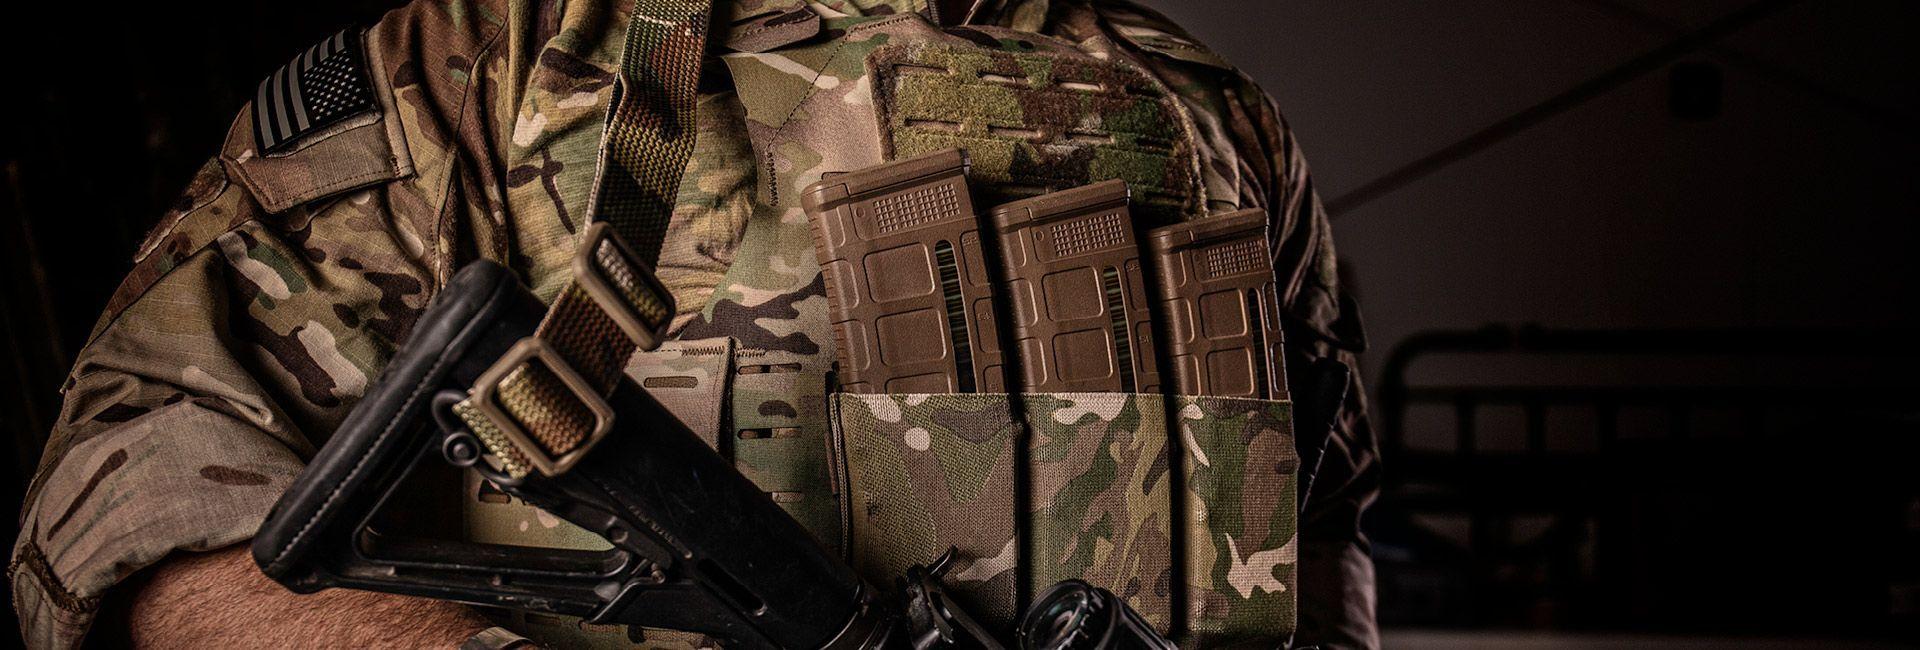 Ranger wearing Plate Armor